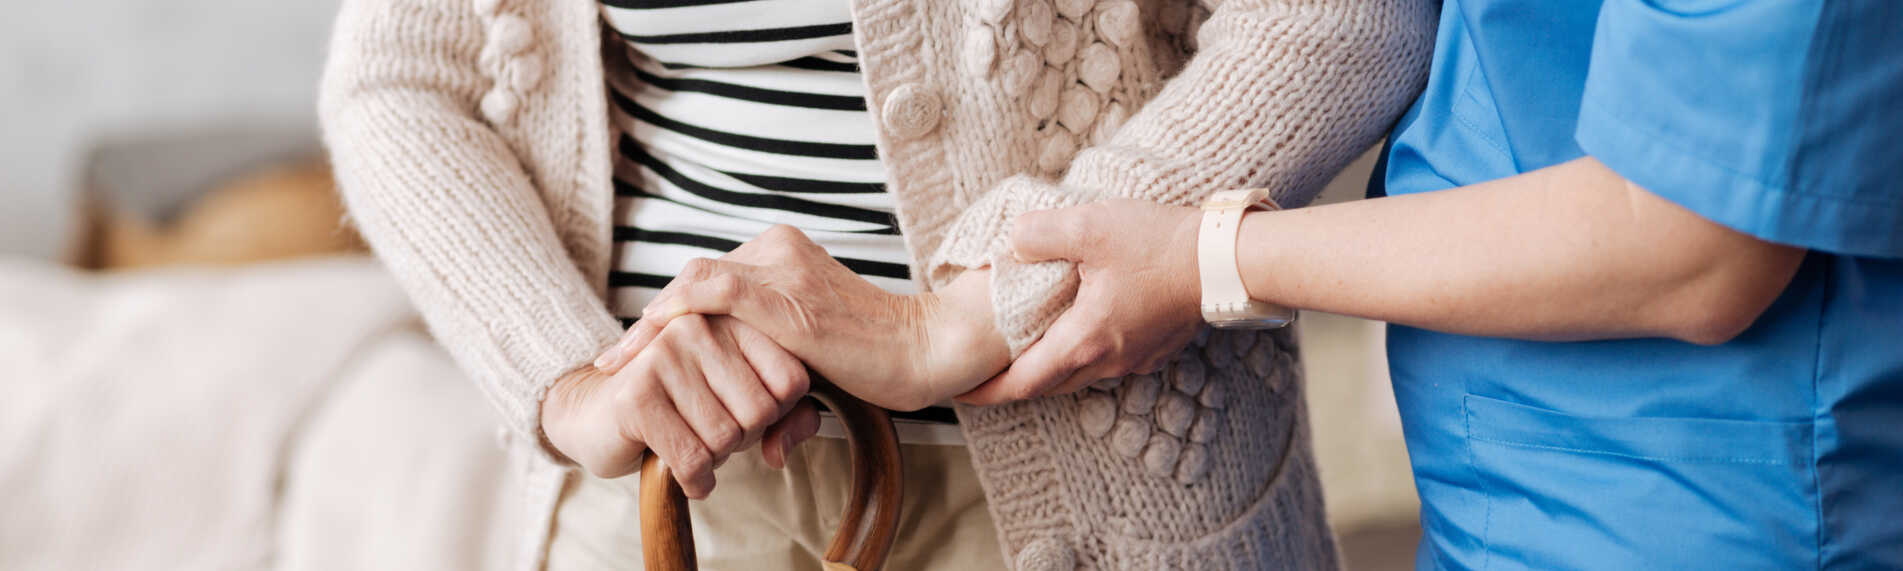 Plejehjem bør have det optimale indeklima for deres beboere